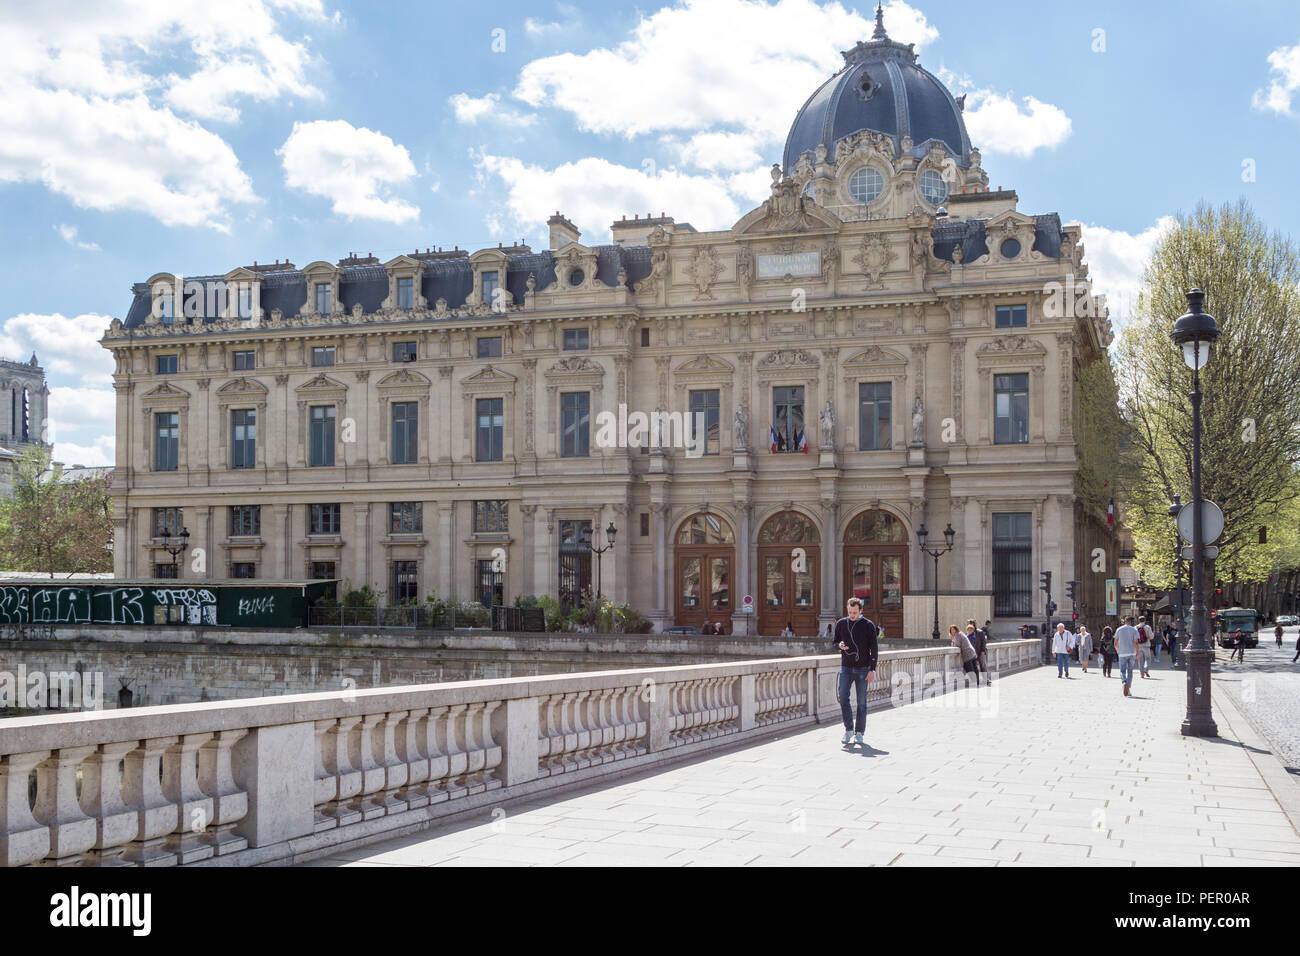 Tribunal de Commerce, Paris - France - Stock Image